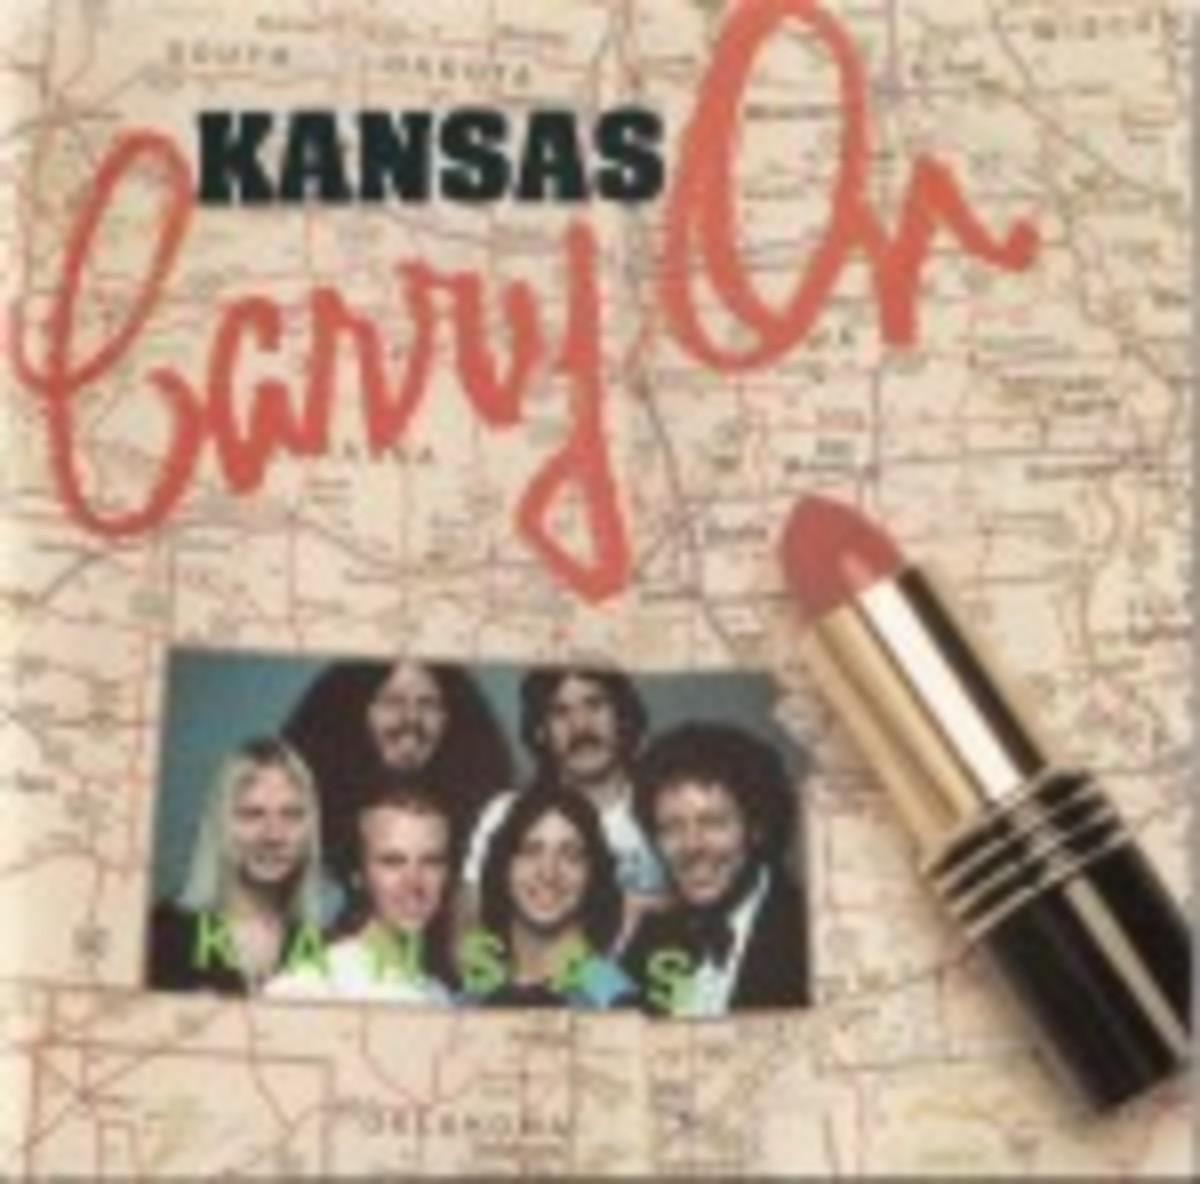 Kansas Carry On Lipstick album cover